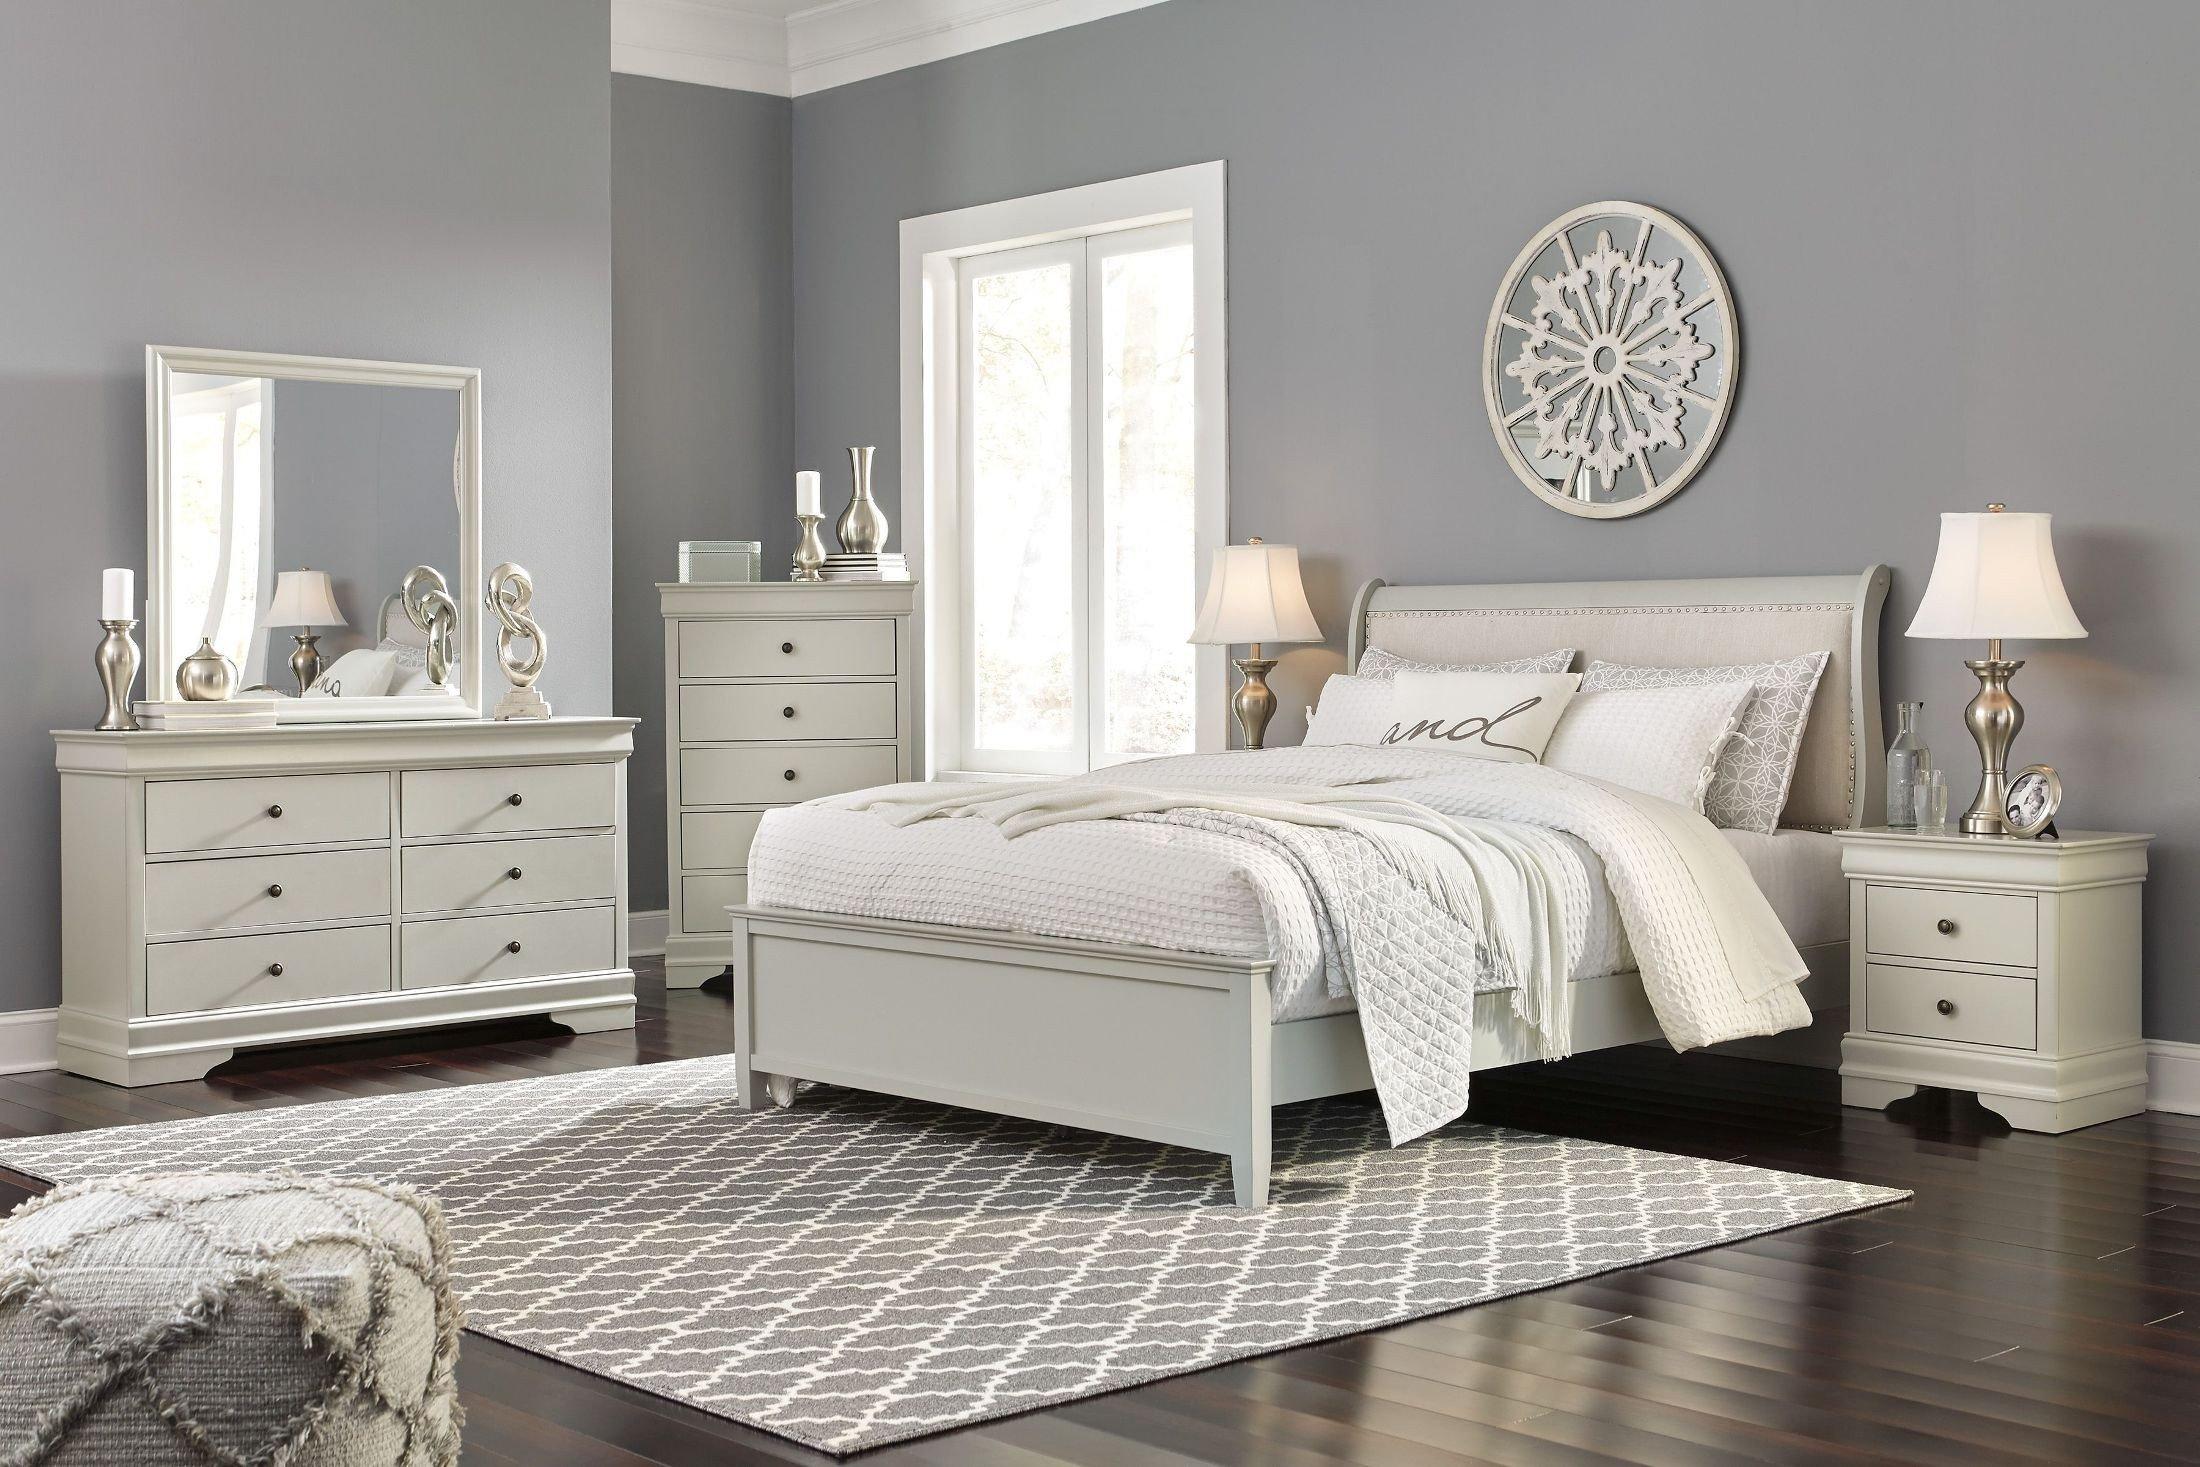 Grey Queen Bedroom Set Luxury Emma Mason Signature Jarred 5 Piece Sleigh Bedroom Set In Gray